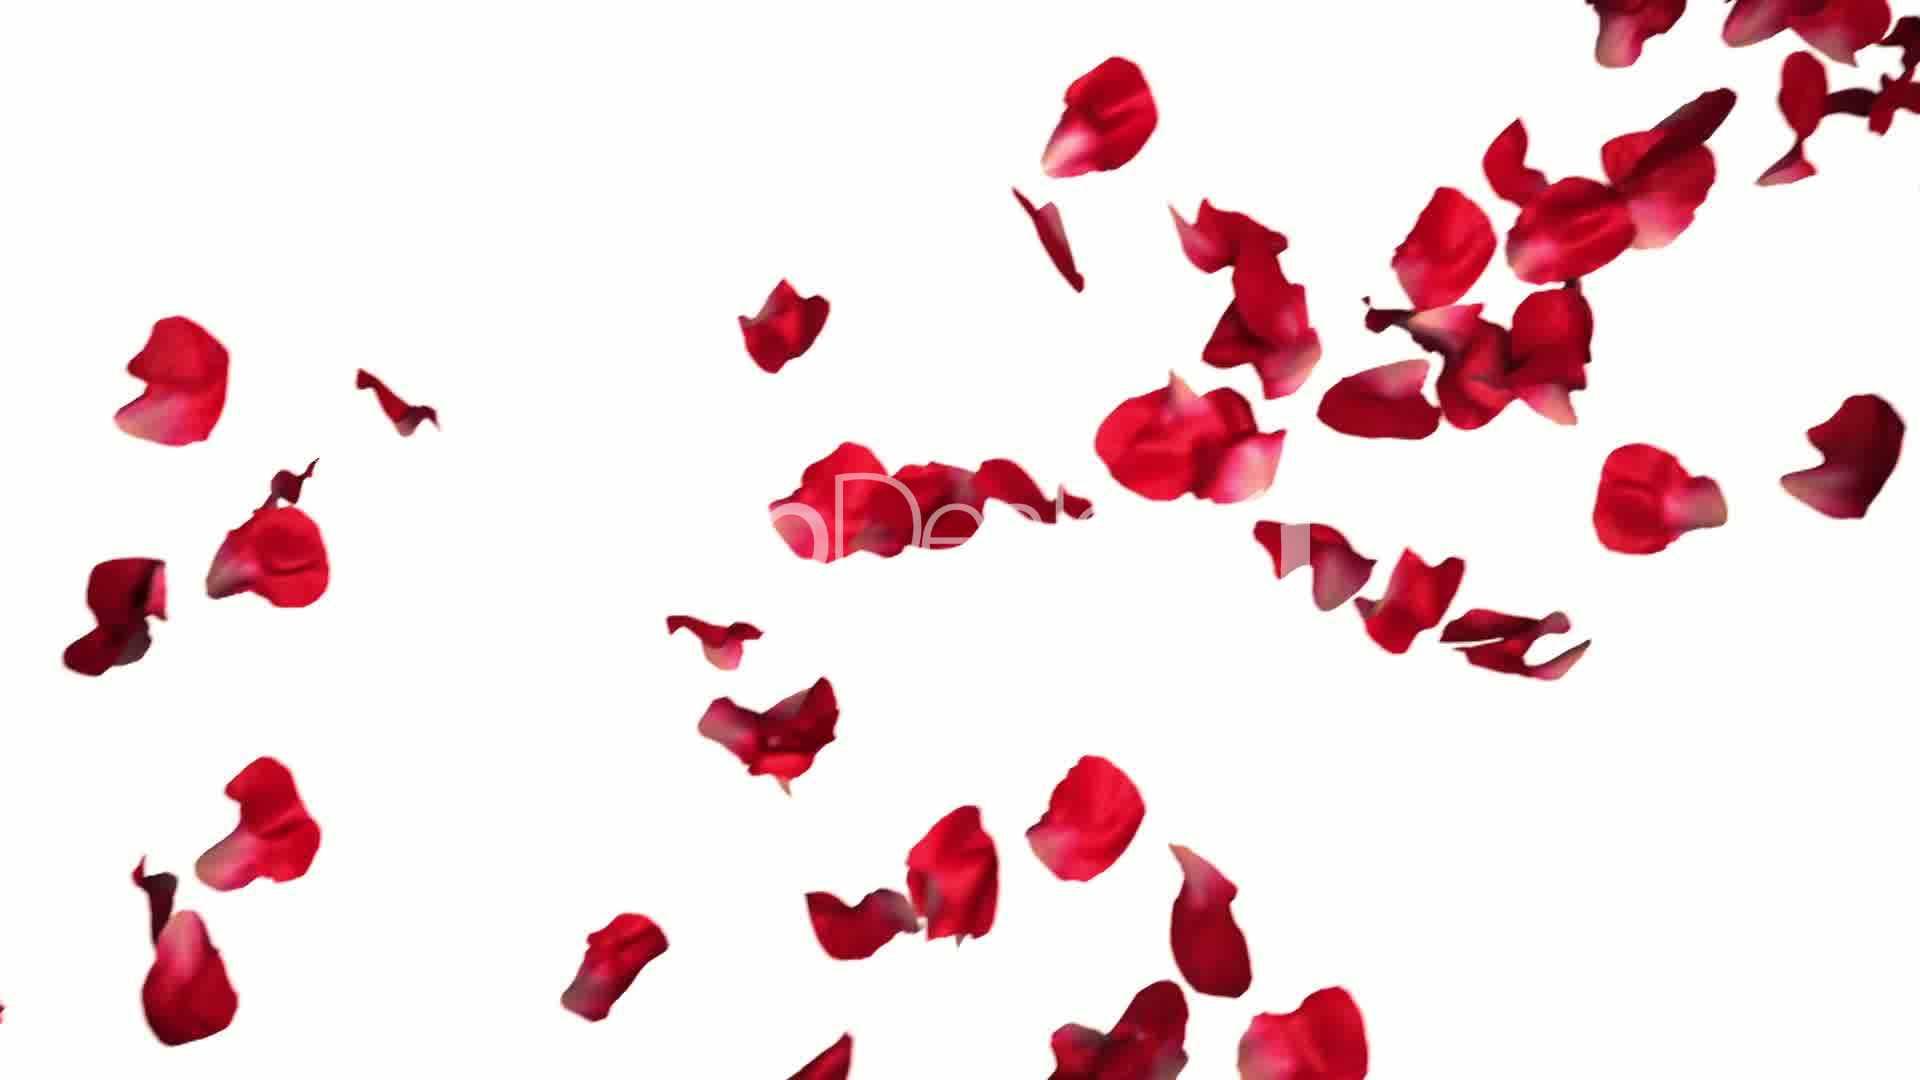 1920x1080 Rose Petals Wallpaper